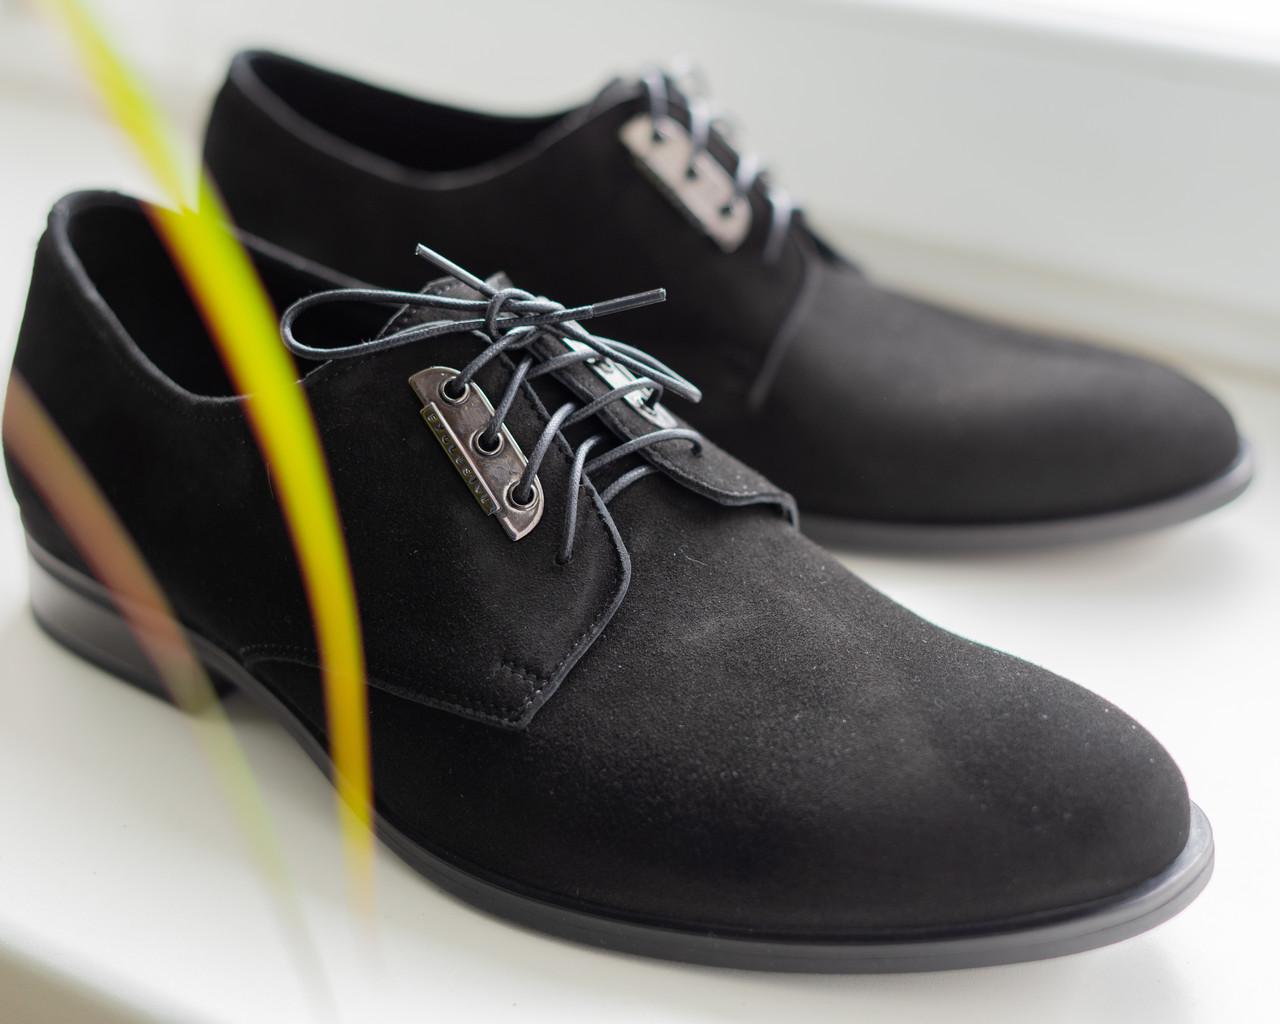 Вау! Замшеві туфлі - це стильно та якісно!